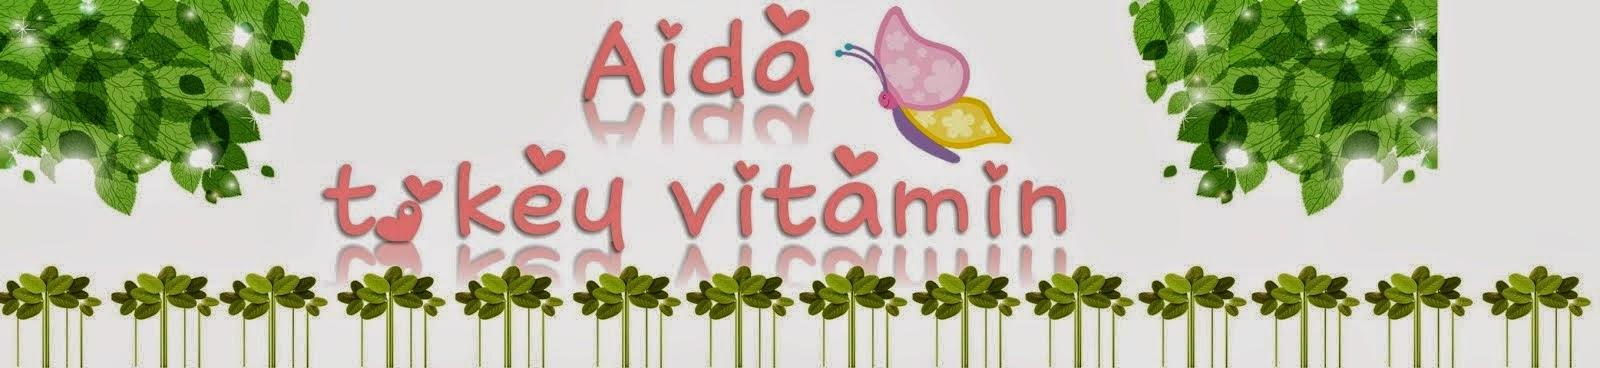 Aida Tokey Vitamin